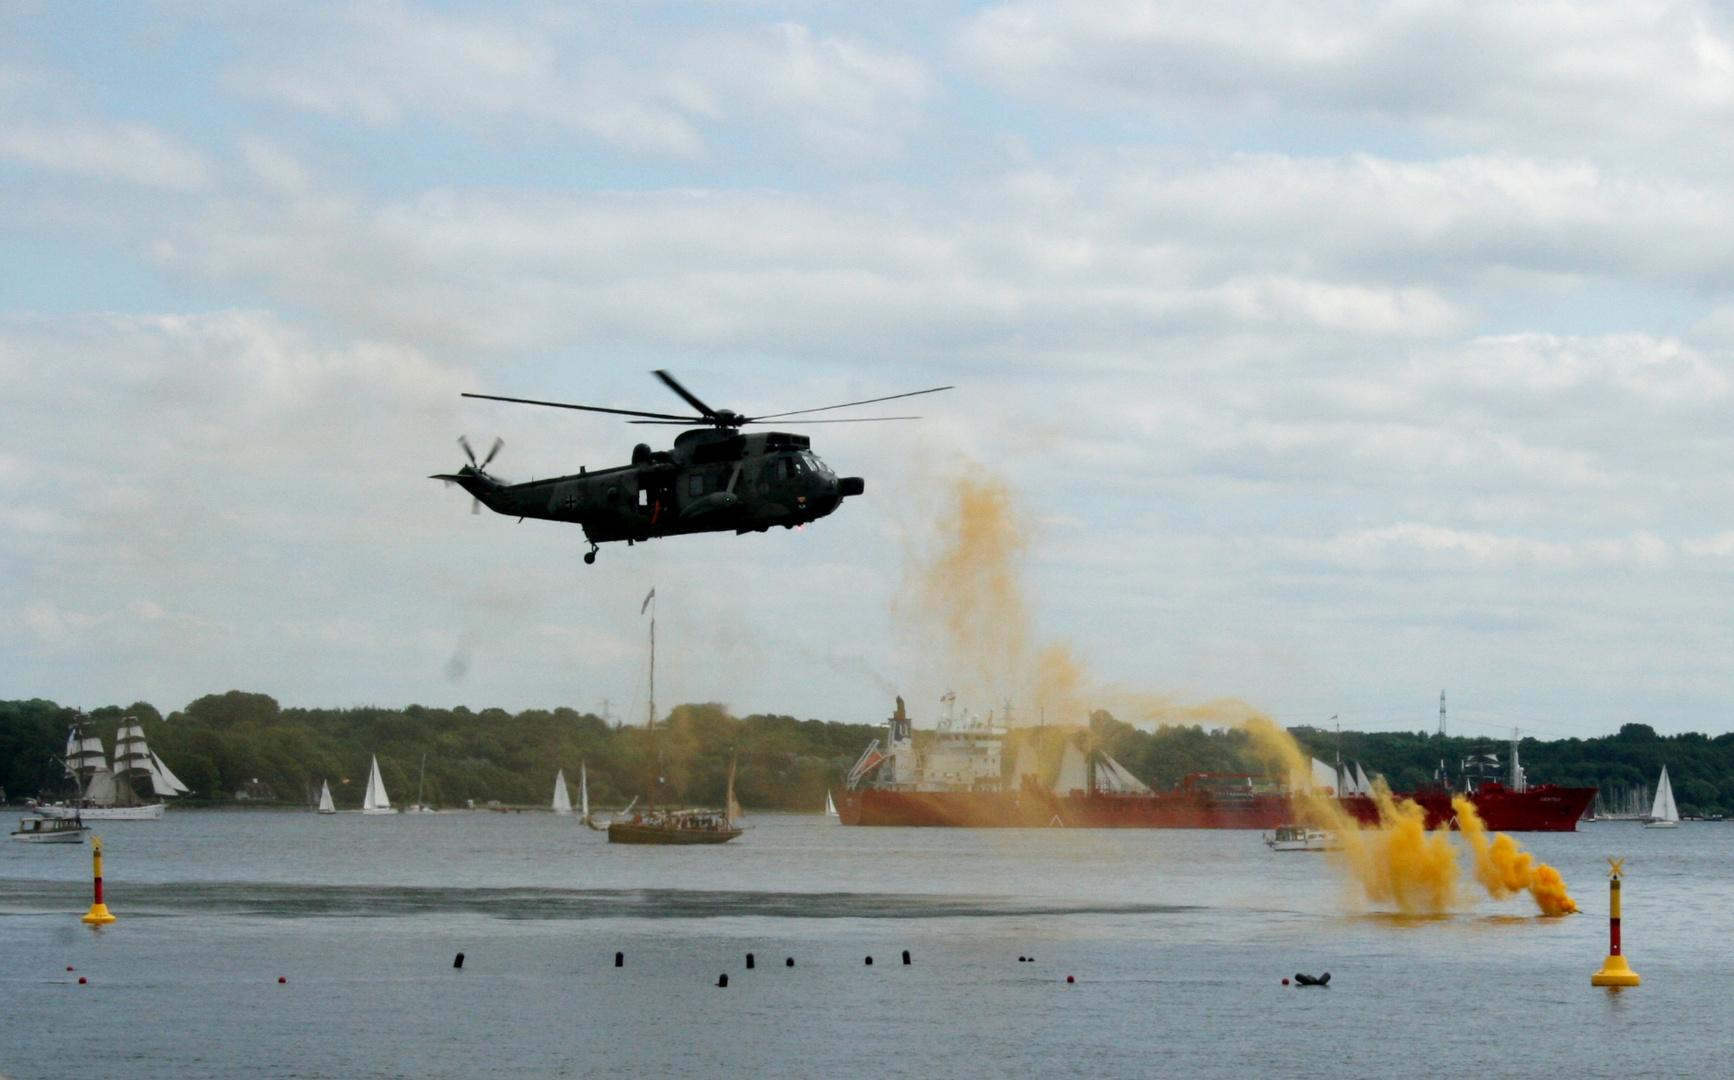 Agusta Westland MK 41 SeaKing